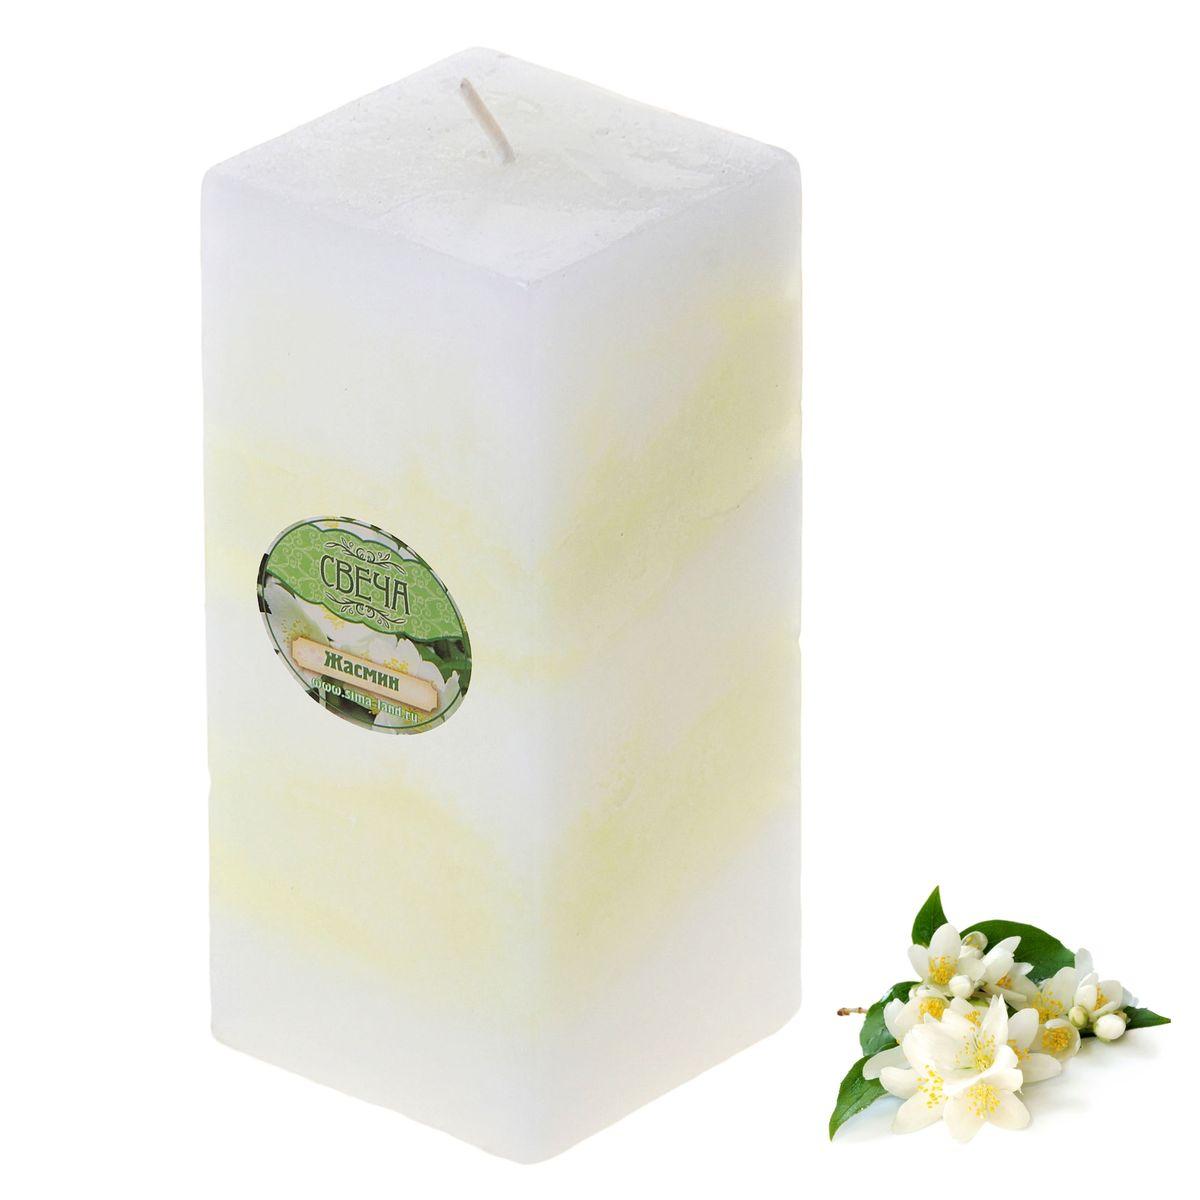 Свеча ароматизированная Sima-land Жасмин, высота 10 см849592Свеча ароматизированная Sima-land Жасмин выполнена из воска и оформлена в виде столбика. Свеча отличается ярким дизайном, который понравится как женщинам, так и мужчинам. Создайте для себя и своих близких не забываемую атмосферу праздника и уюта в доме. Свеча Sima-land будет радовать нежным ароматом цветков жасмина и раскрасит серые будни яркими красками.